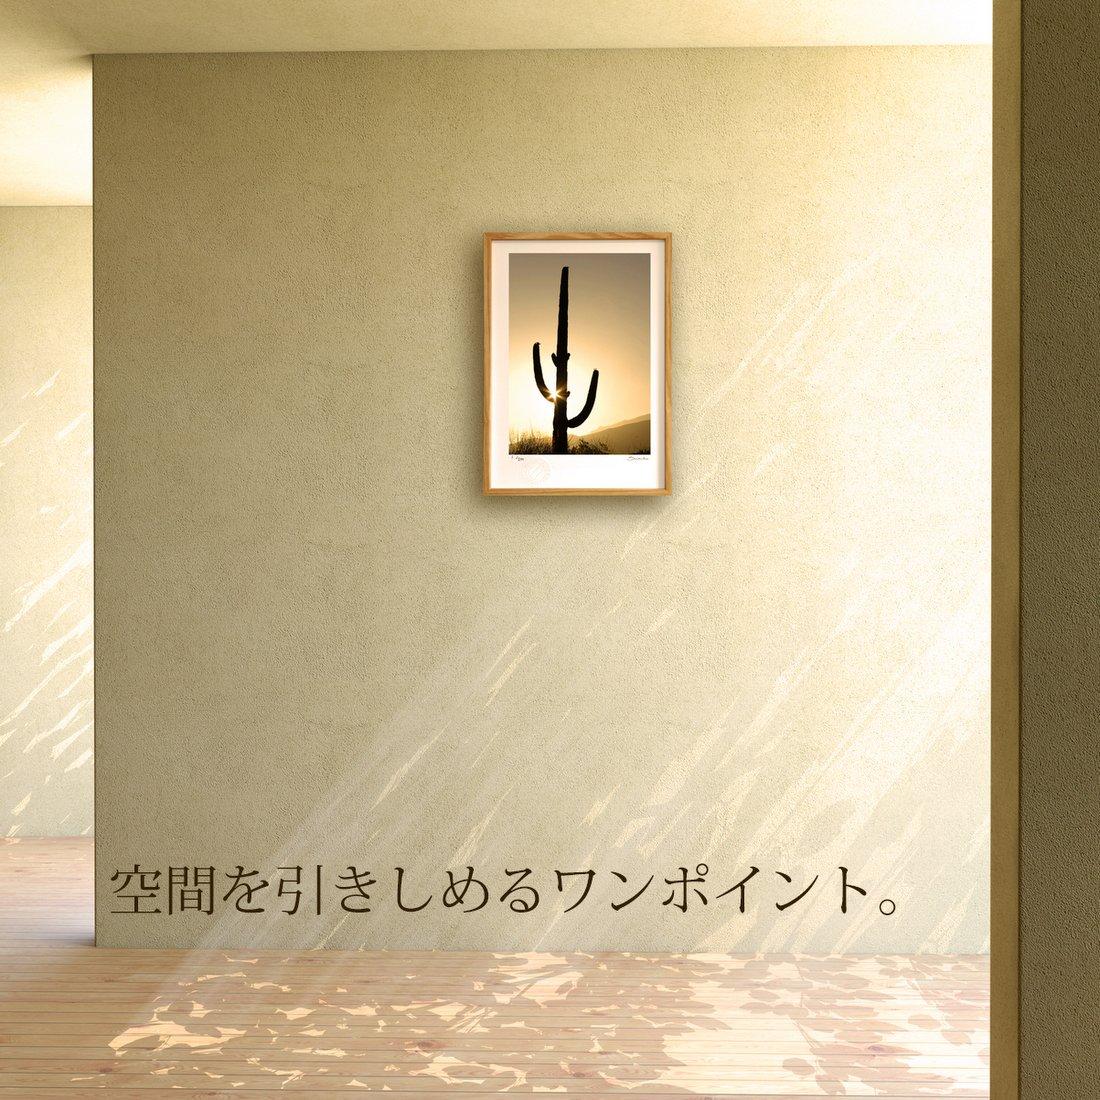 【版画 絵画】黄昏のホワイトサンズ(スミコ スコット)/インテリア 壁掛け 額入り アート アートパネル アートフレーム